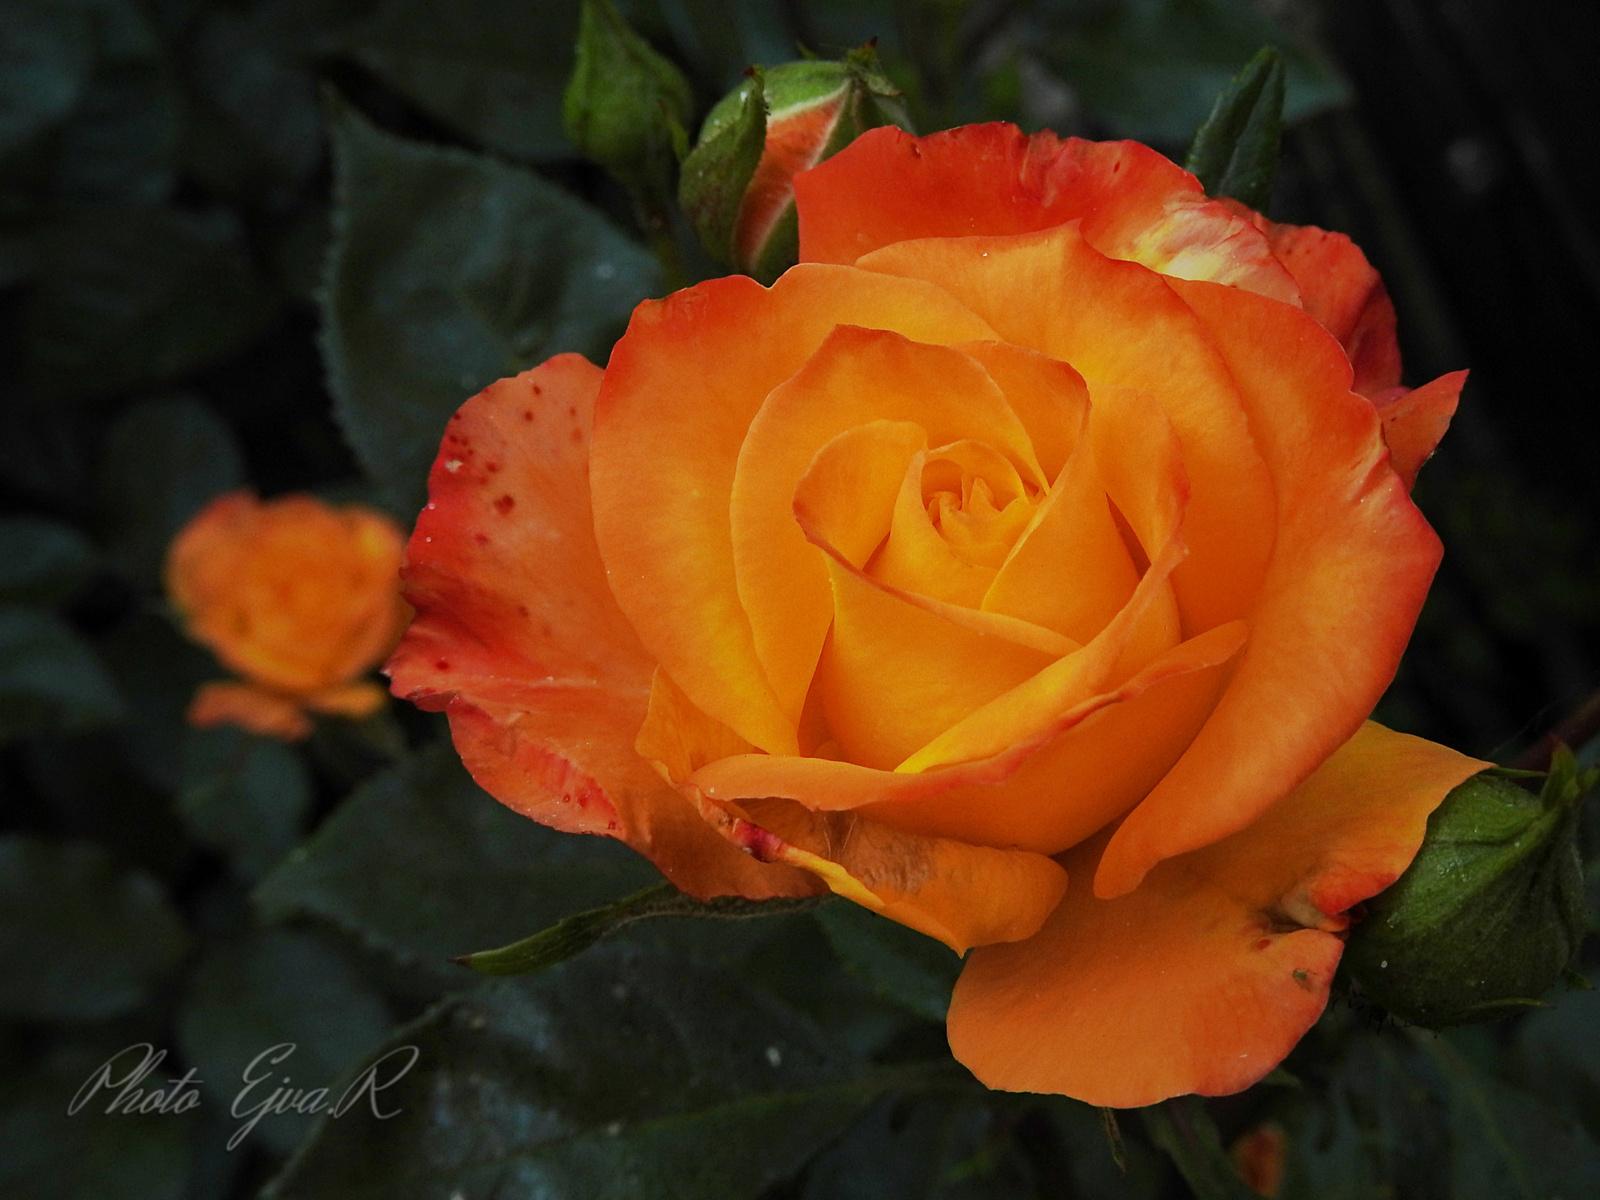 Narancssárga rózsa